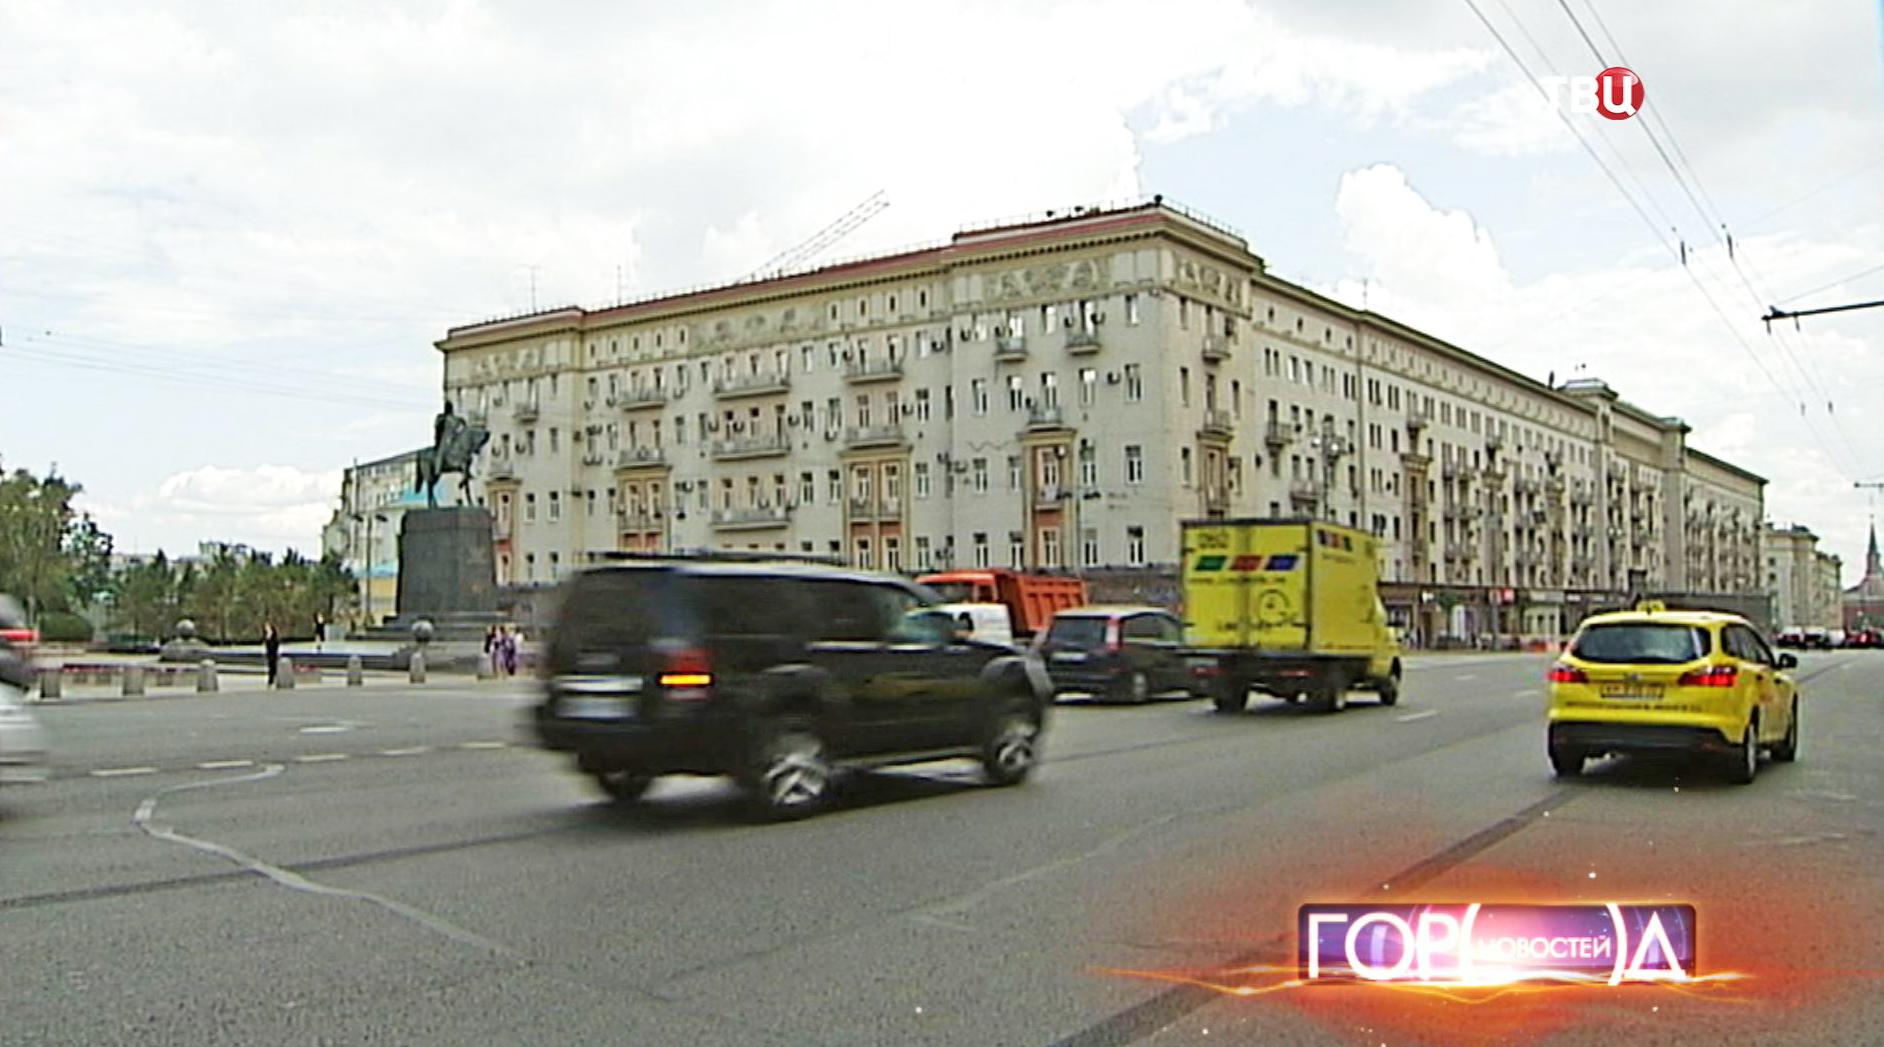 Движение автотранспорта в Москве